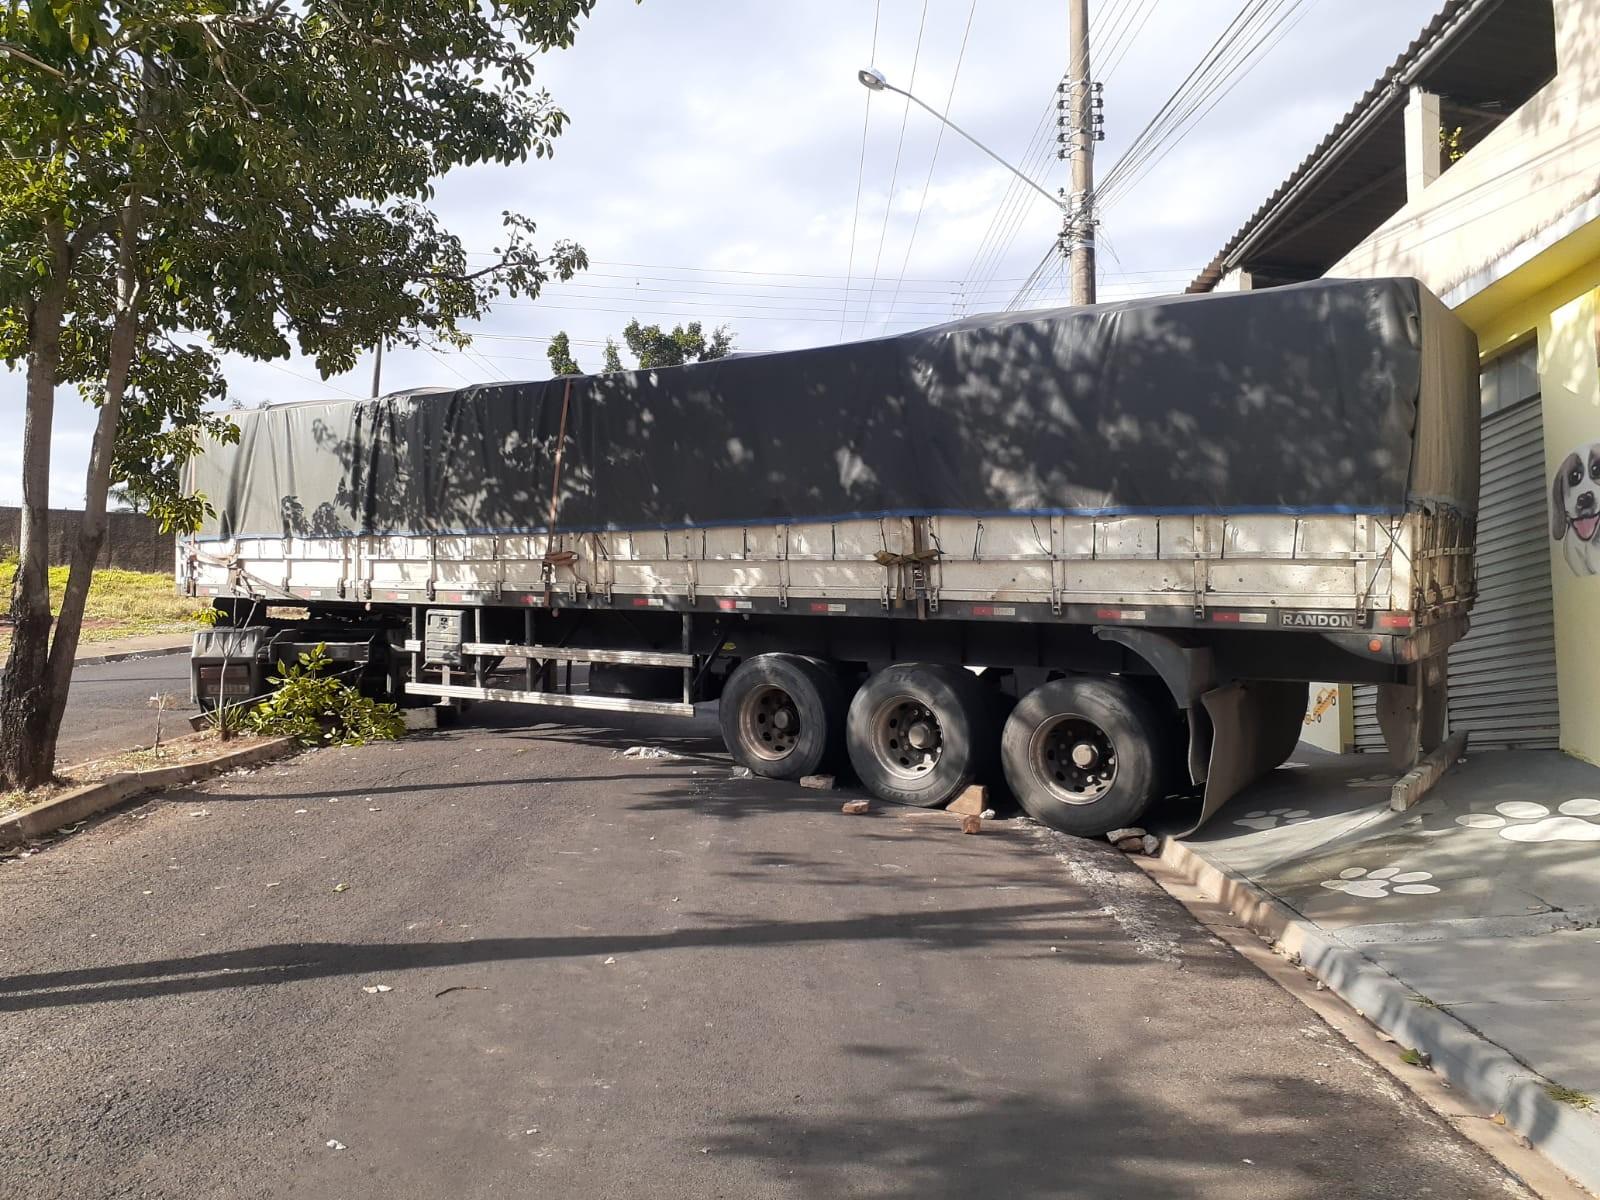 Carreta tem problemas mecânicos e causa interrupção de trânsito na Avenida Juscelino Kubitschek